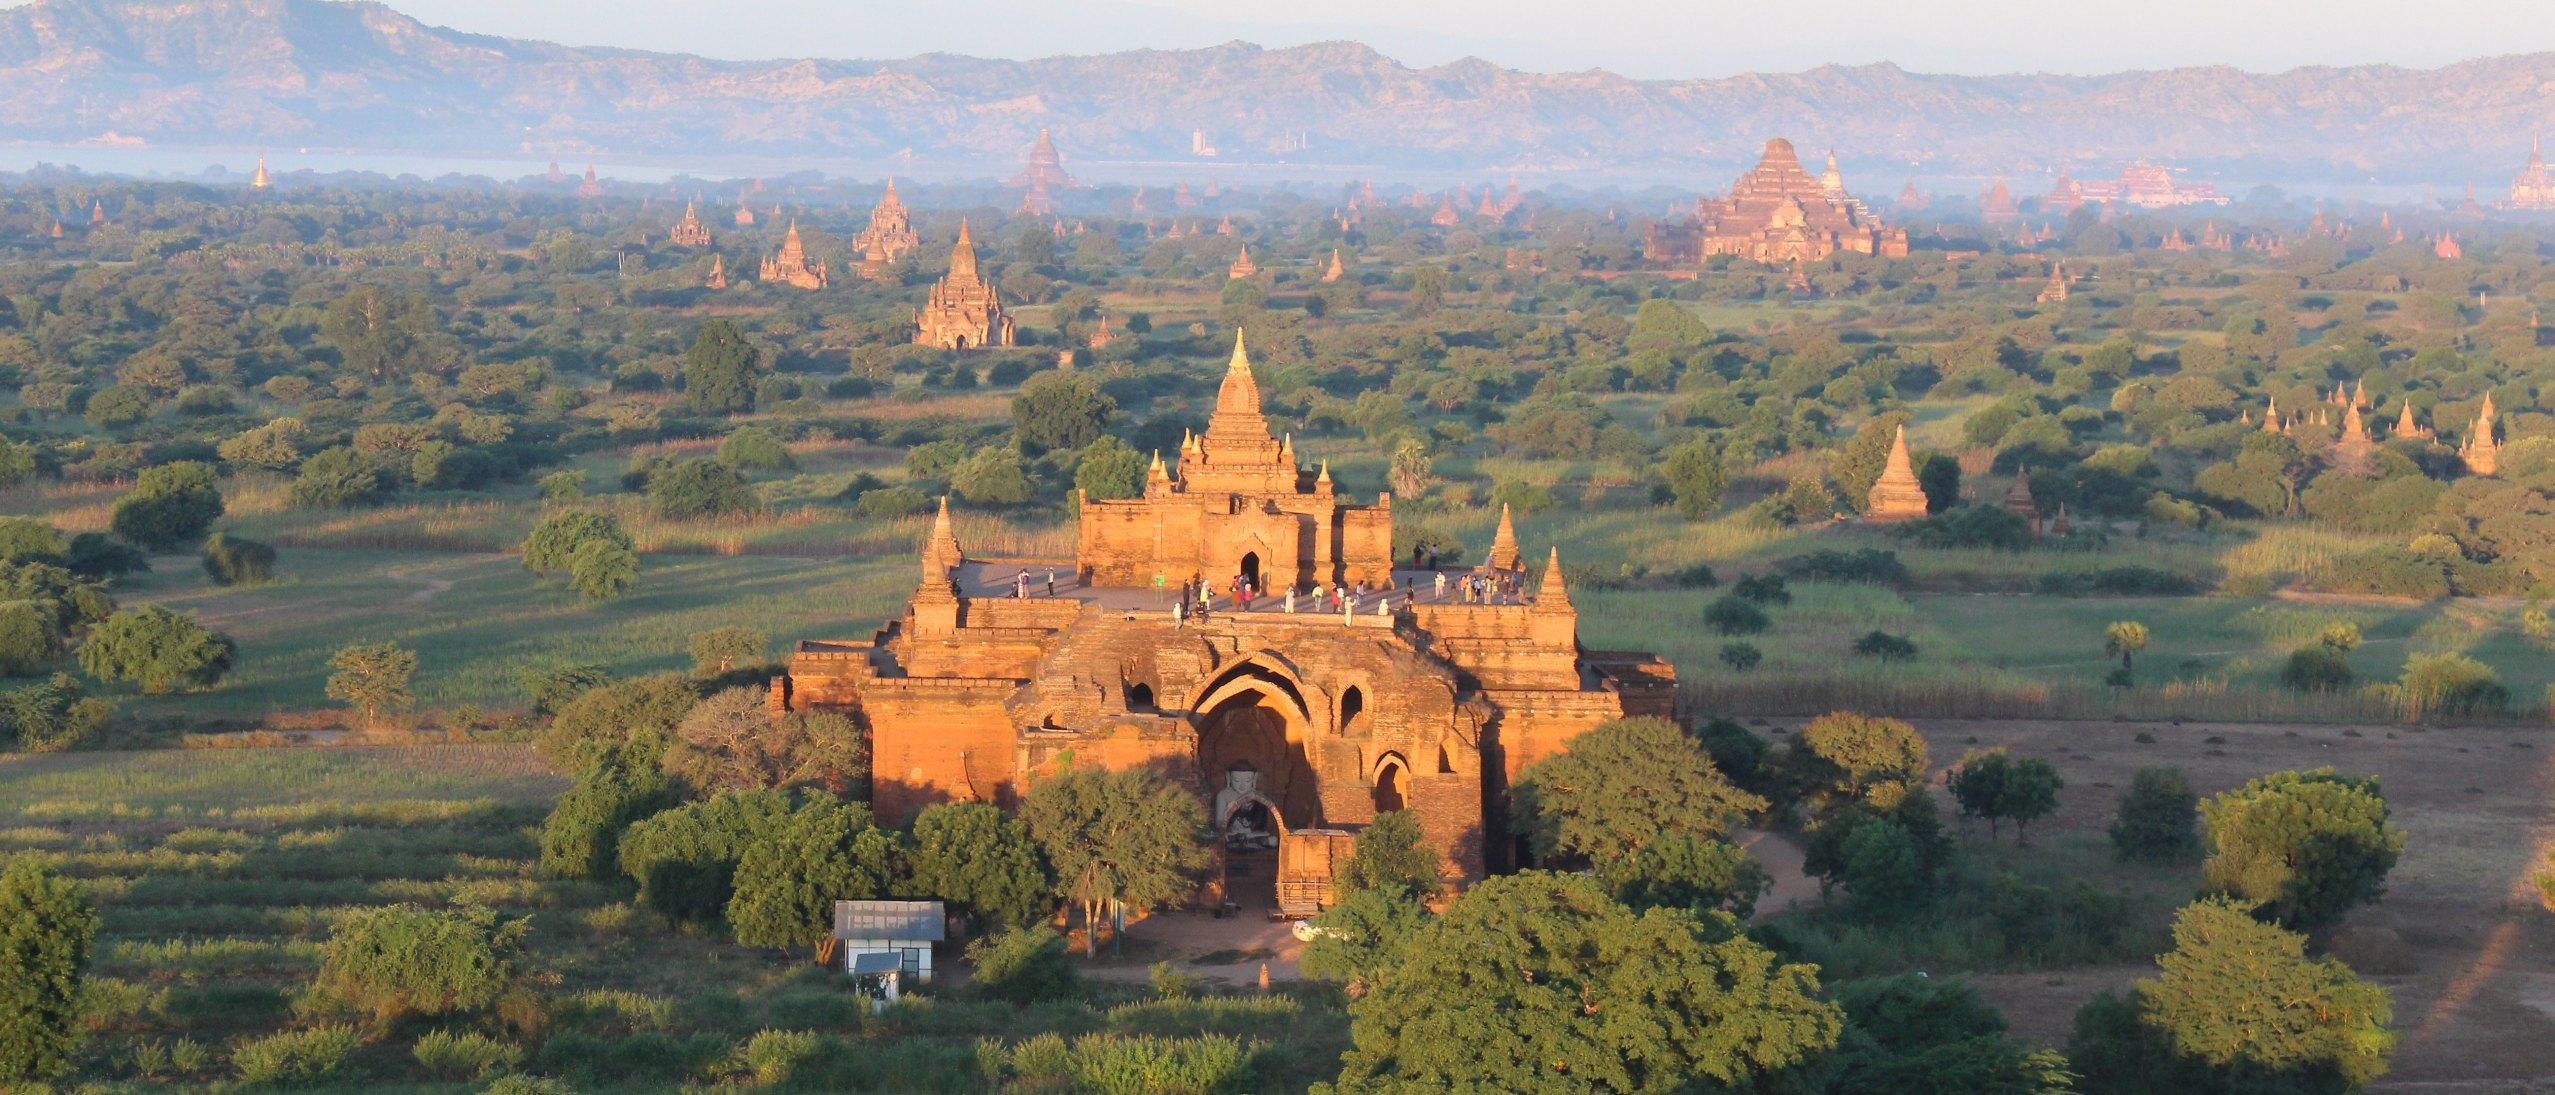 photograph of Bagan